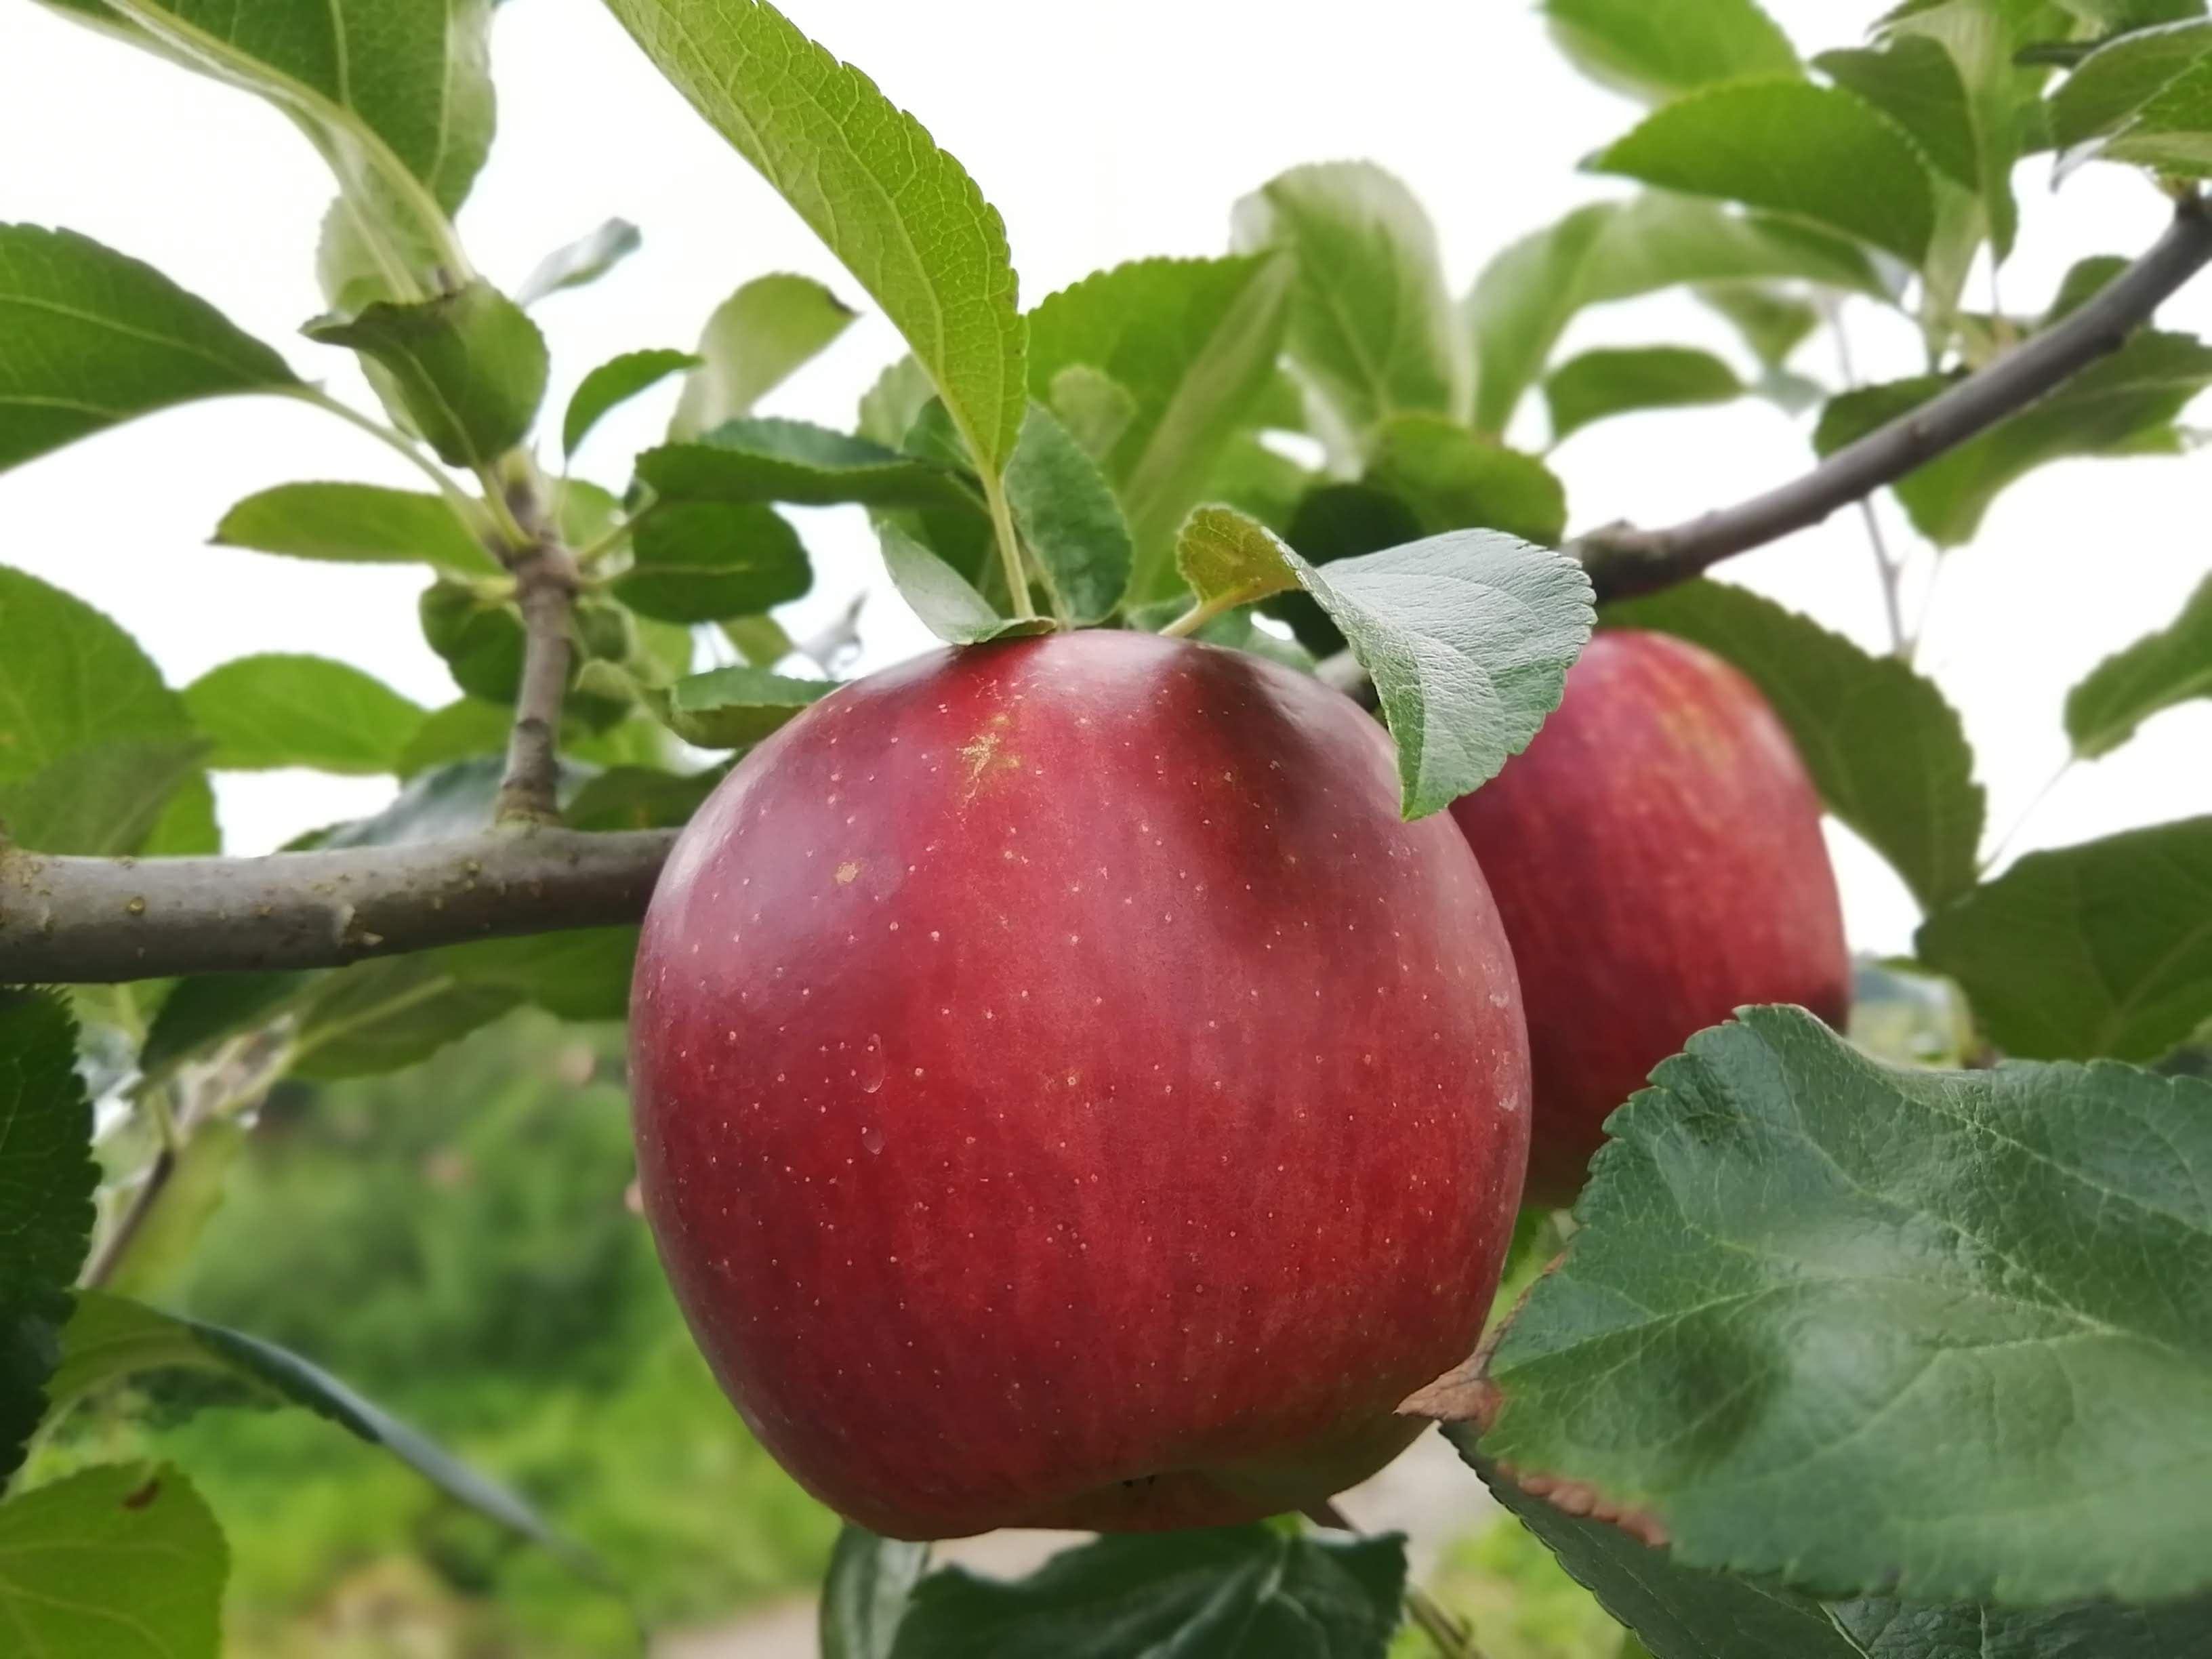 [5,000円]プロジェクト応援コース 農家さんの廃棄するりんごの買い取りにご支援をお願いします!のイメージその1